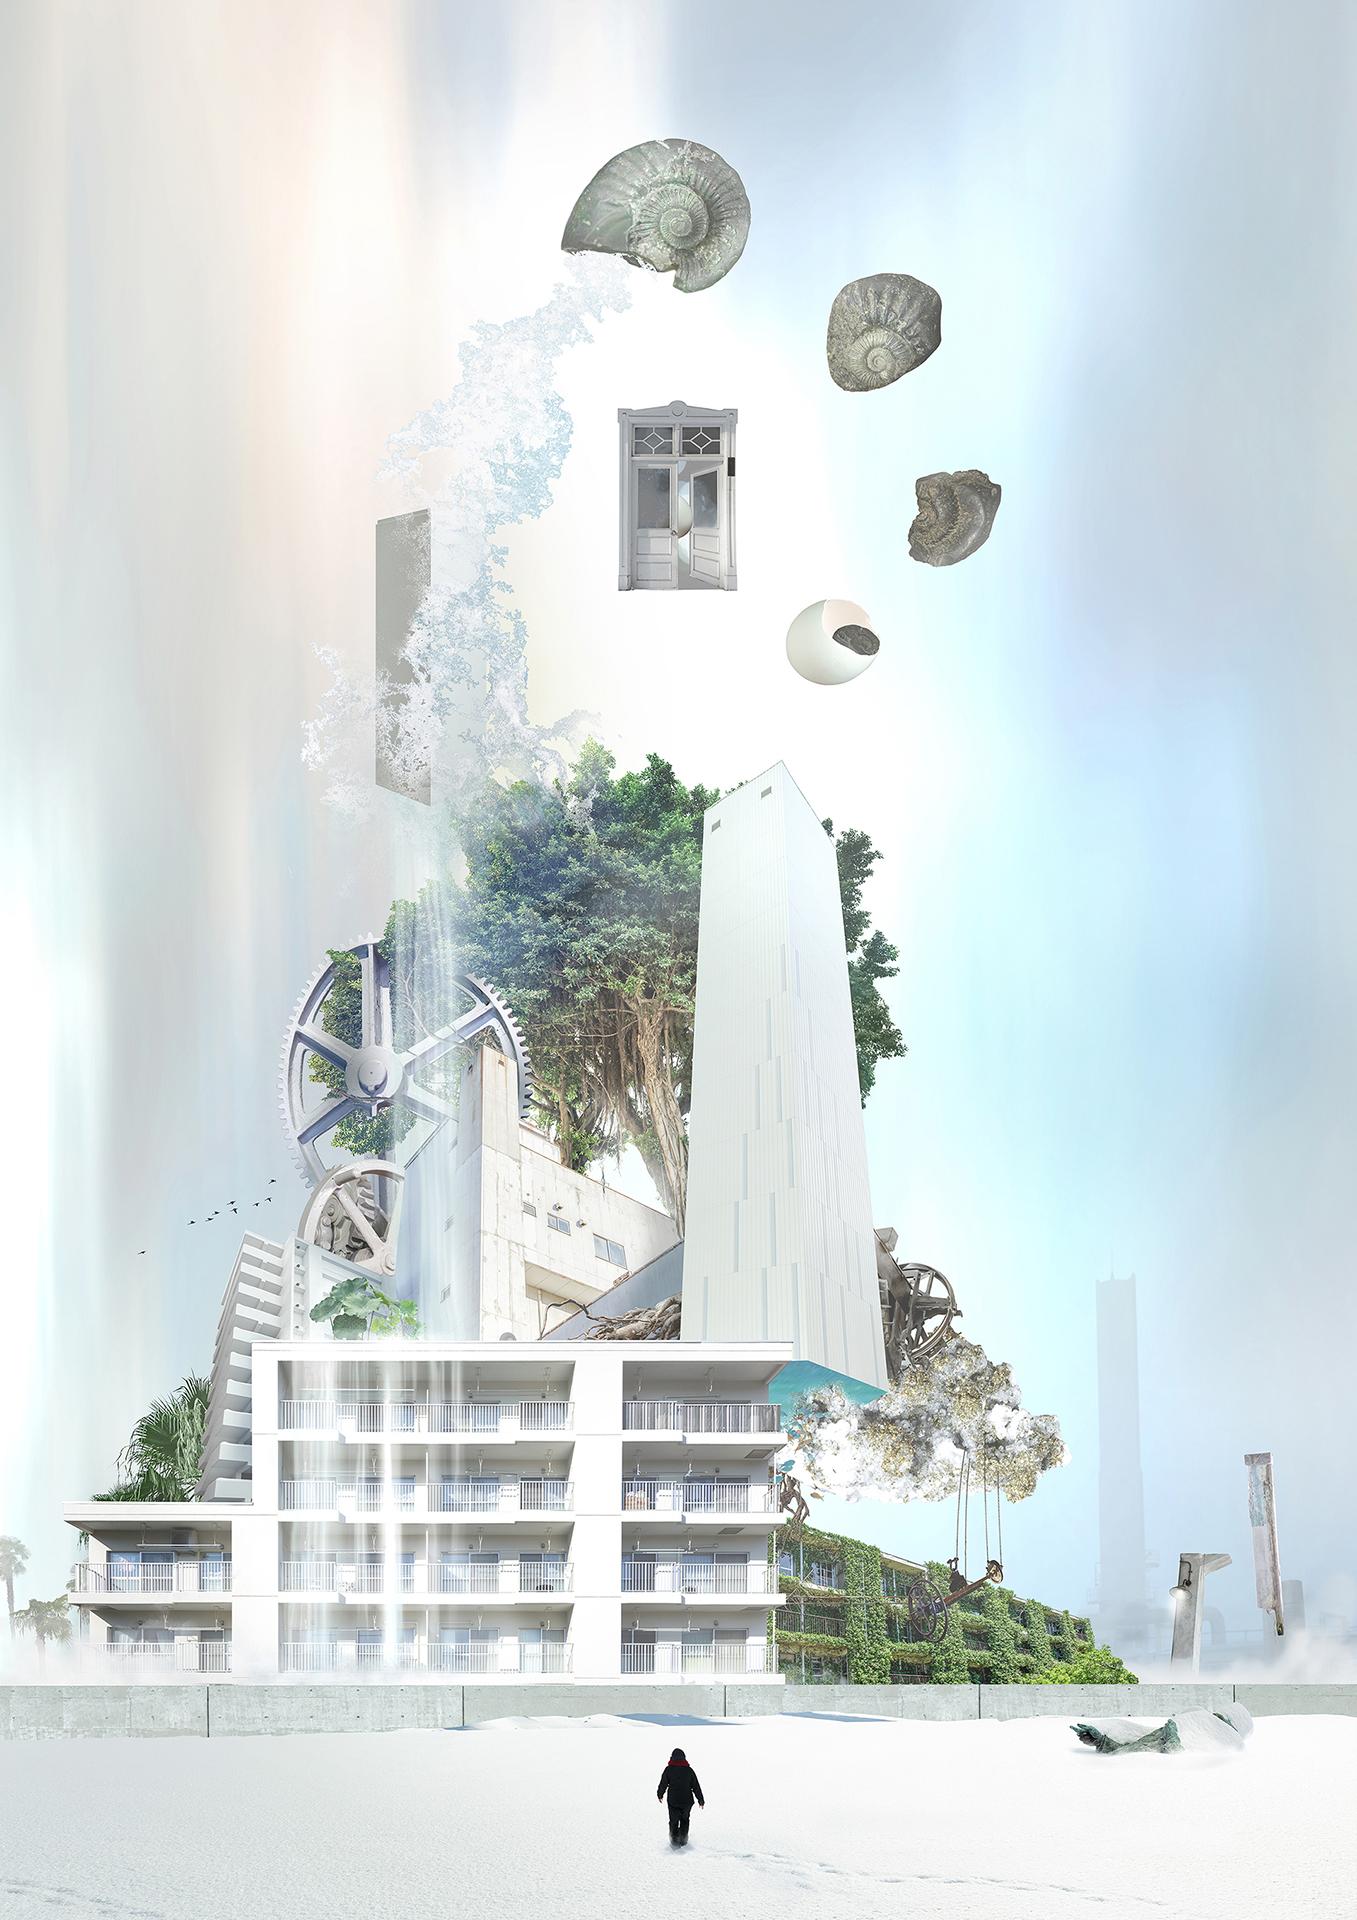 Utopia / Nostalgia 2